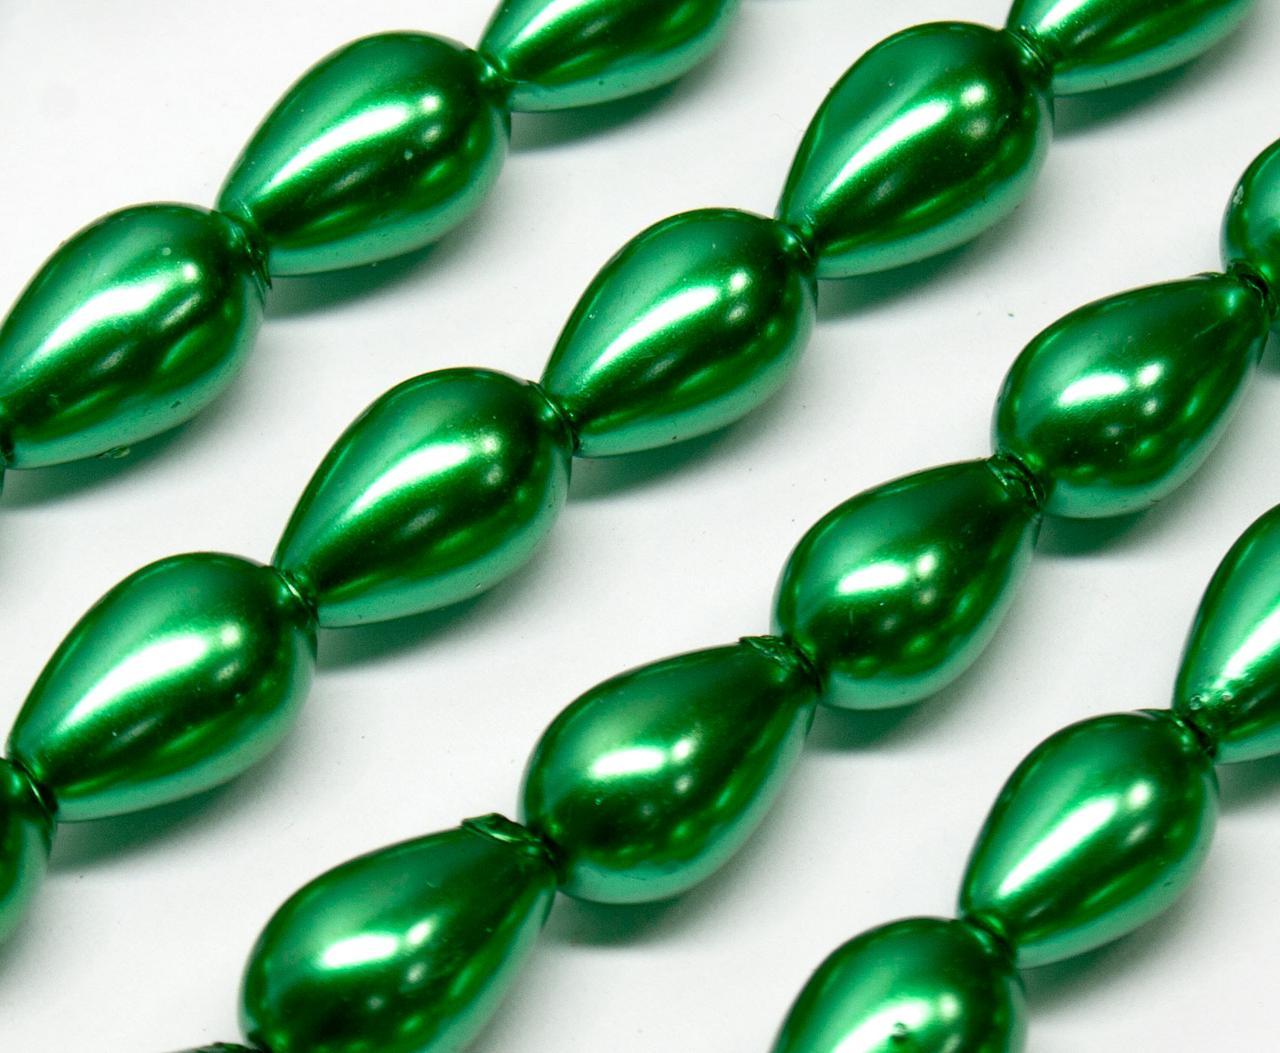 Жемчуг стеклянный  капля 11х8мм   пачка - примерно 50 шт, цвет - зеленый глянцевый